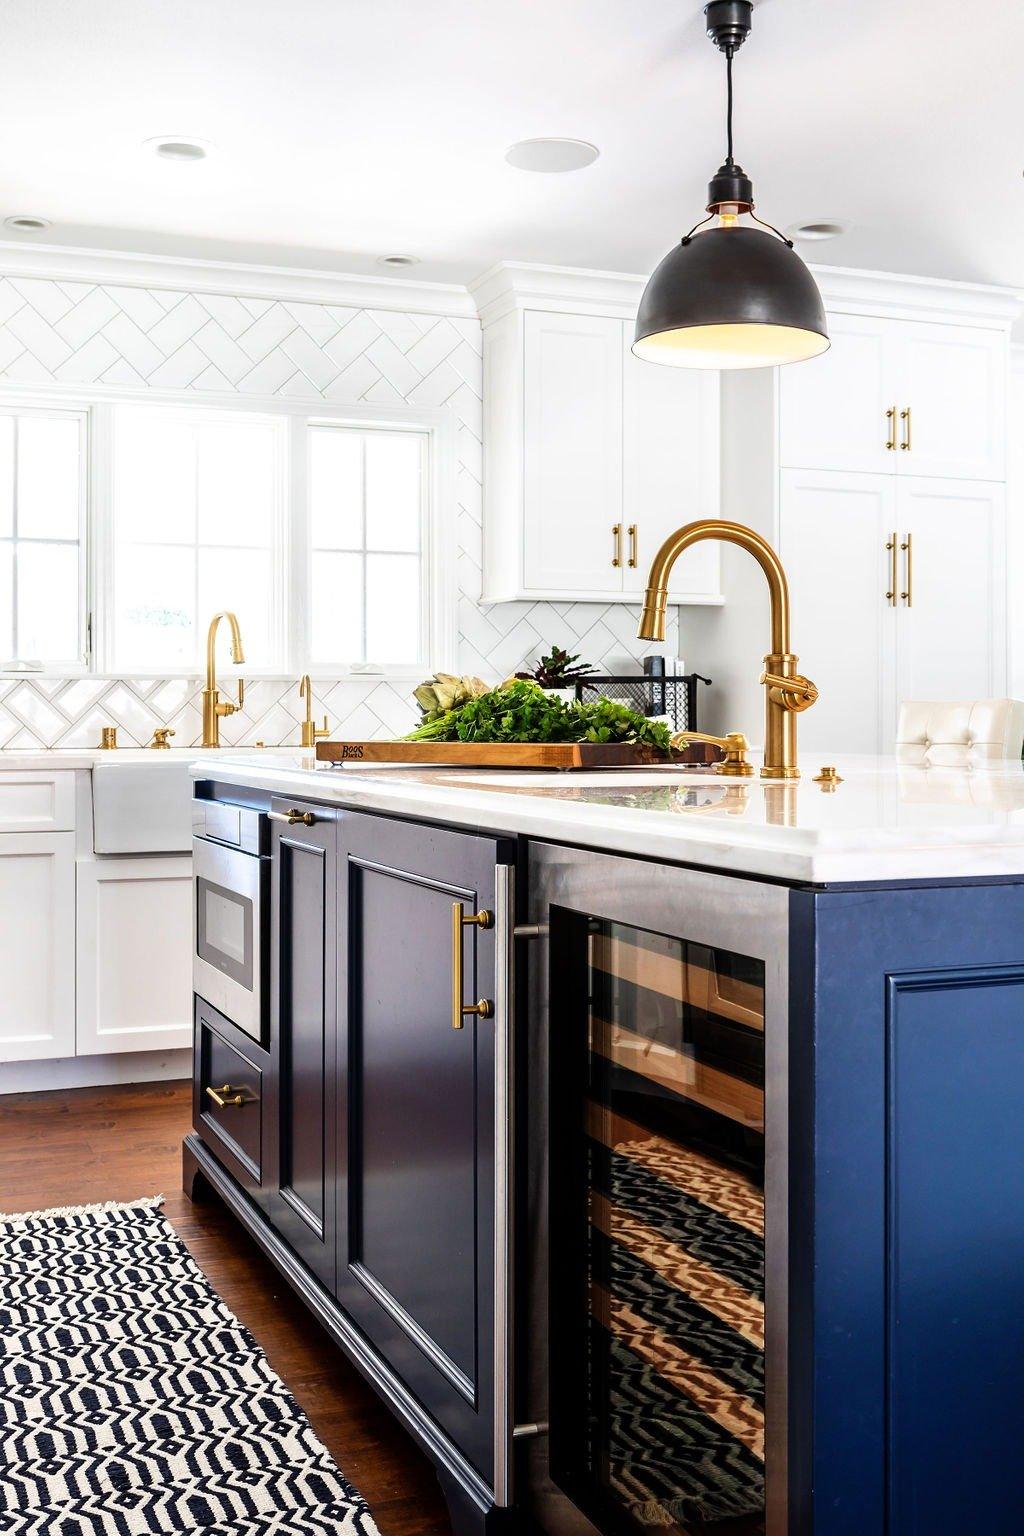 westlake kitchen - classic kitchen design - kitchen trends